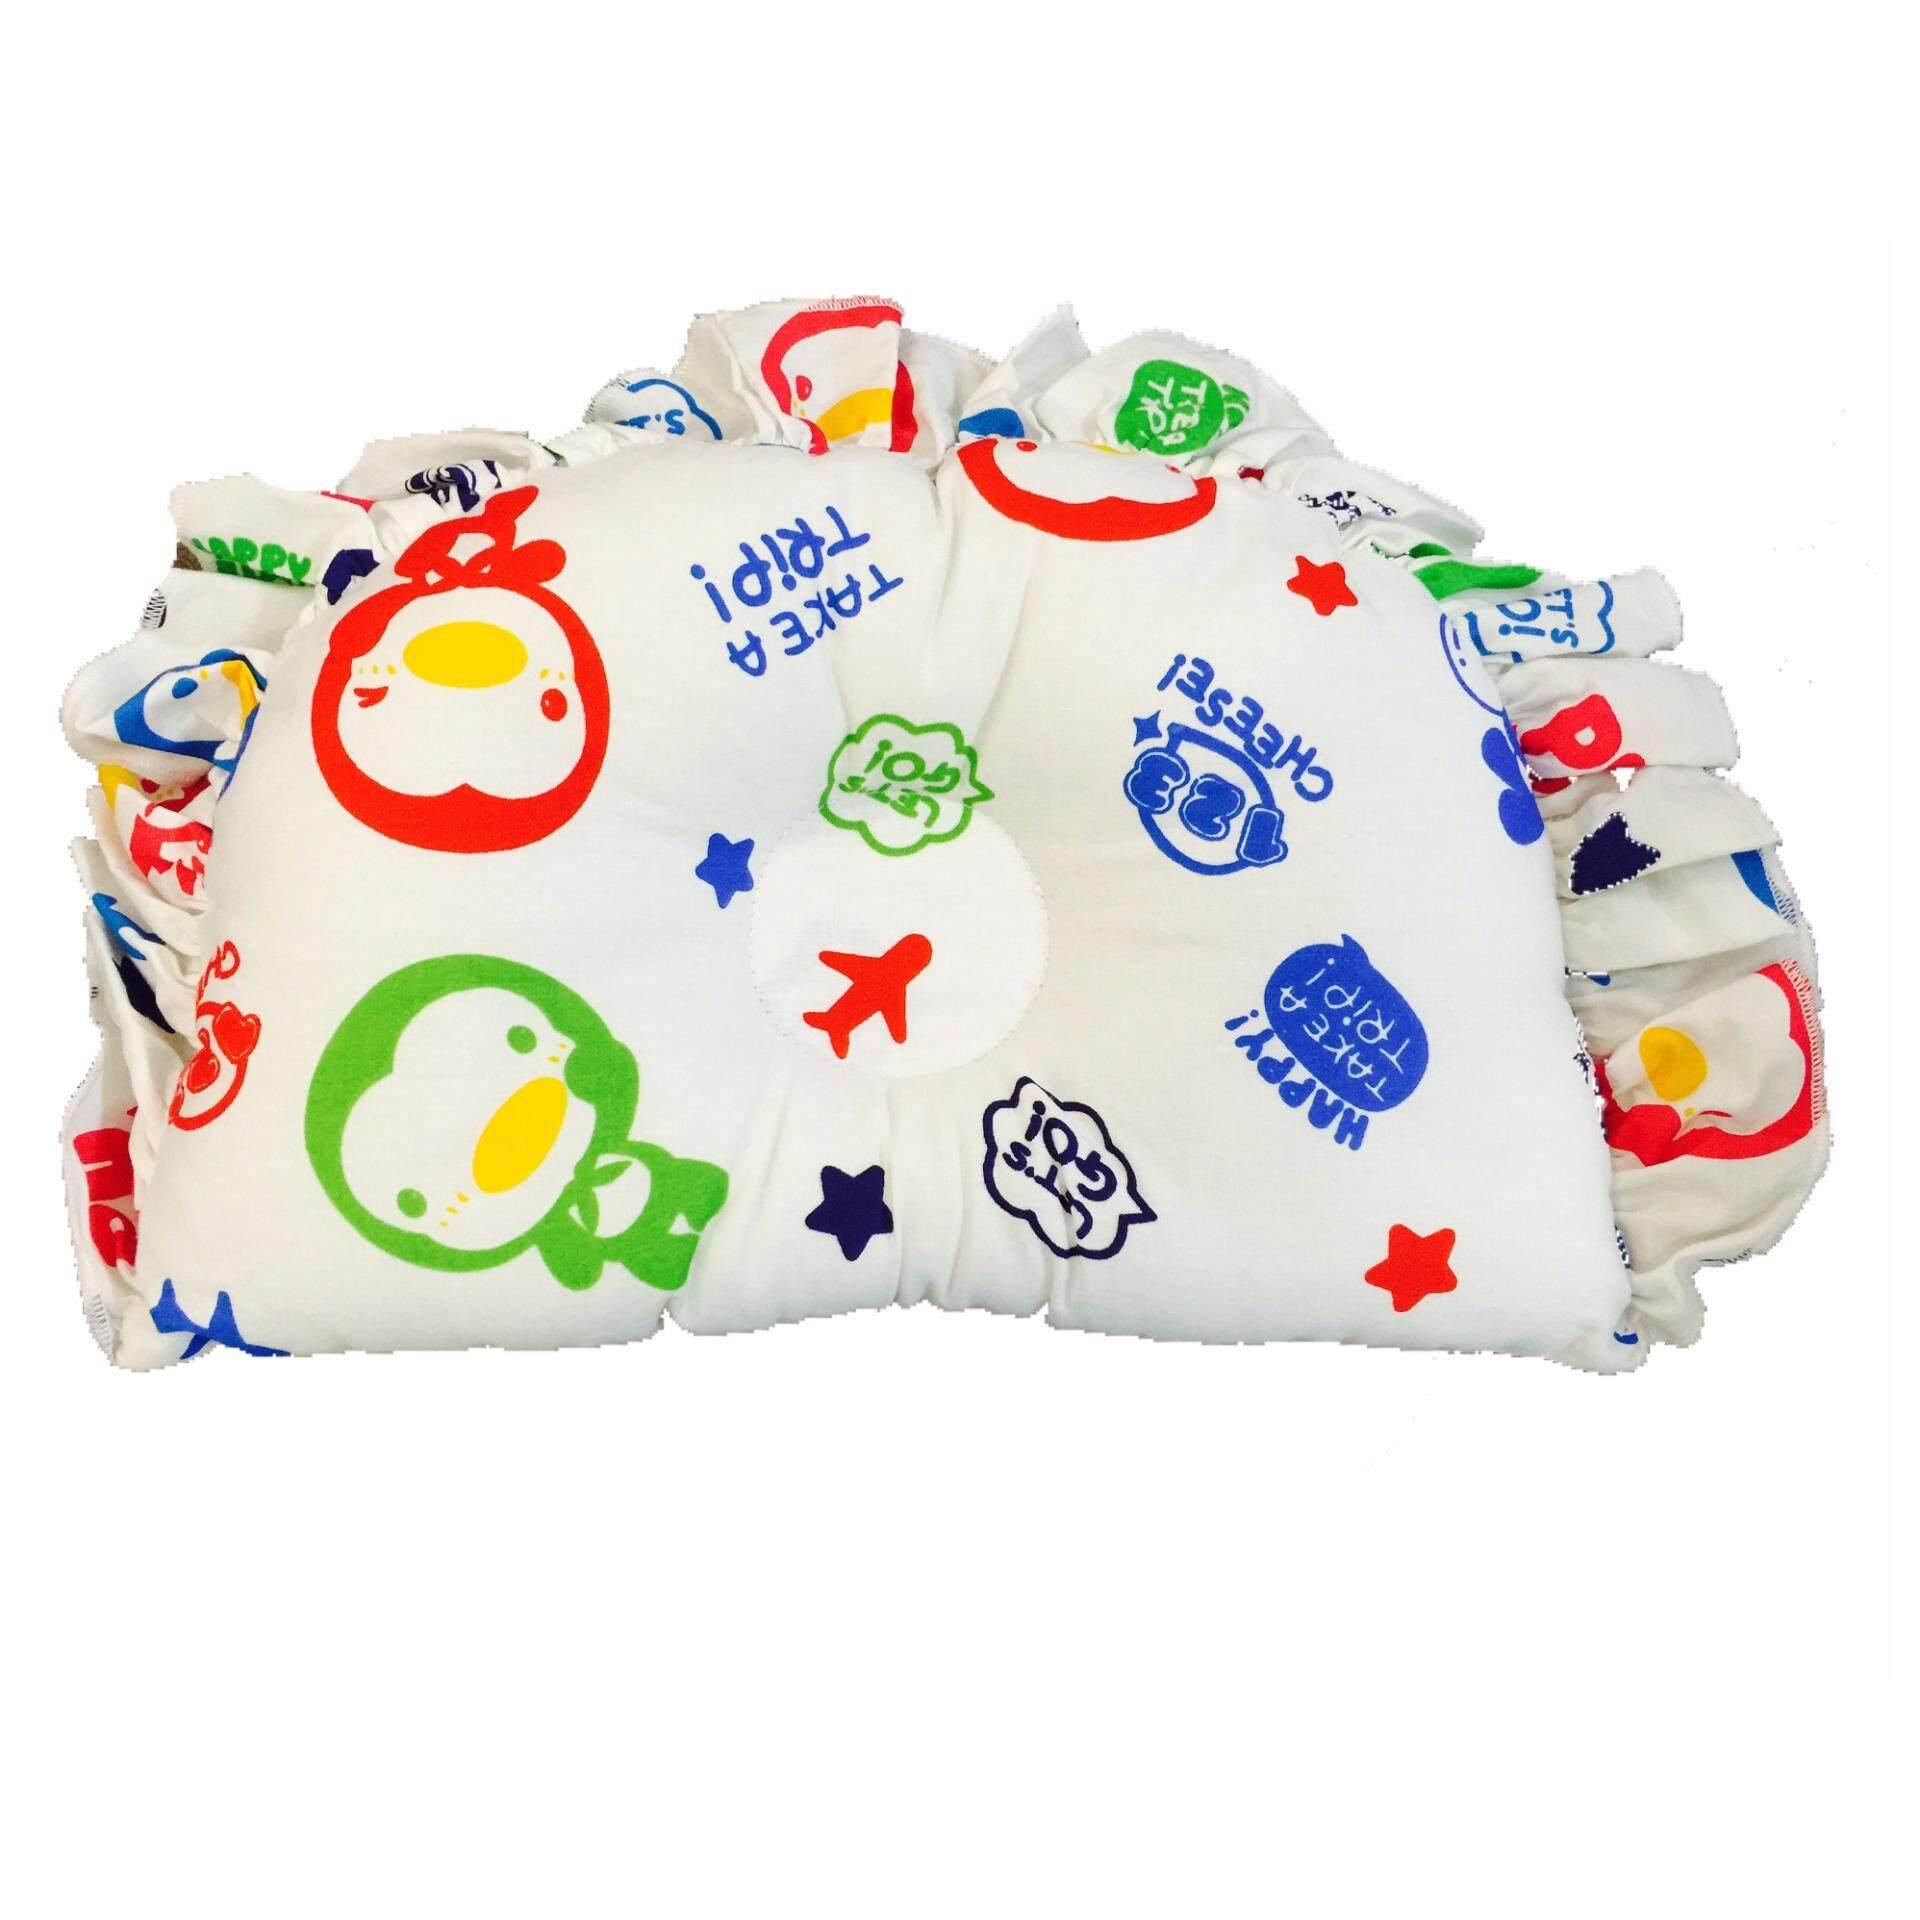 PUKU 100% Cotton Hollow Pillow SP91124 BLUE Holiday Design